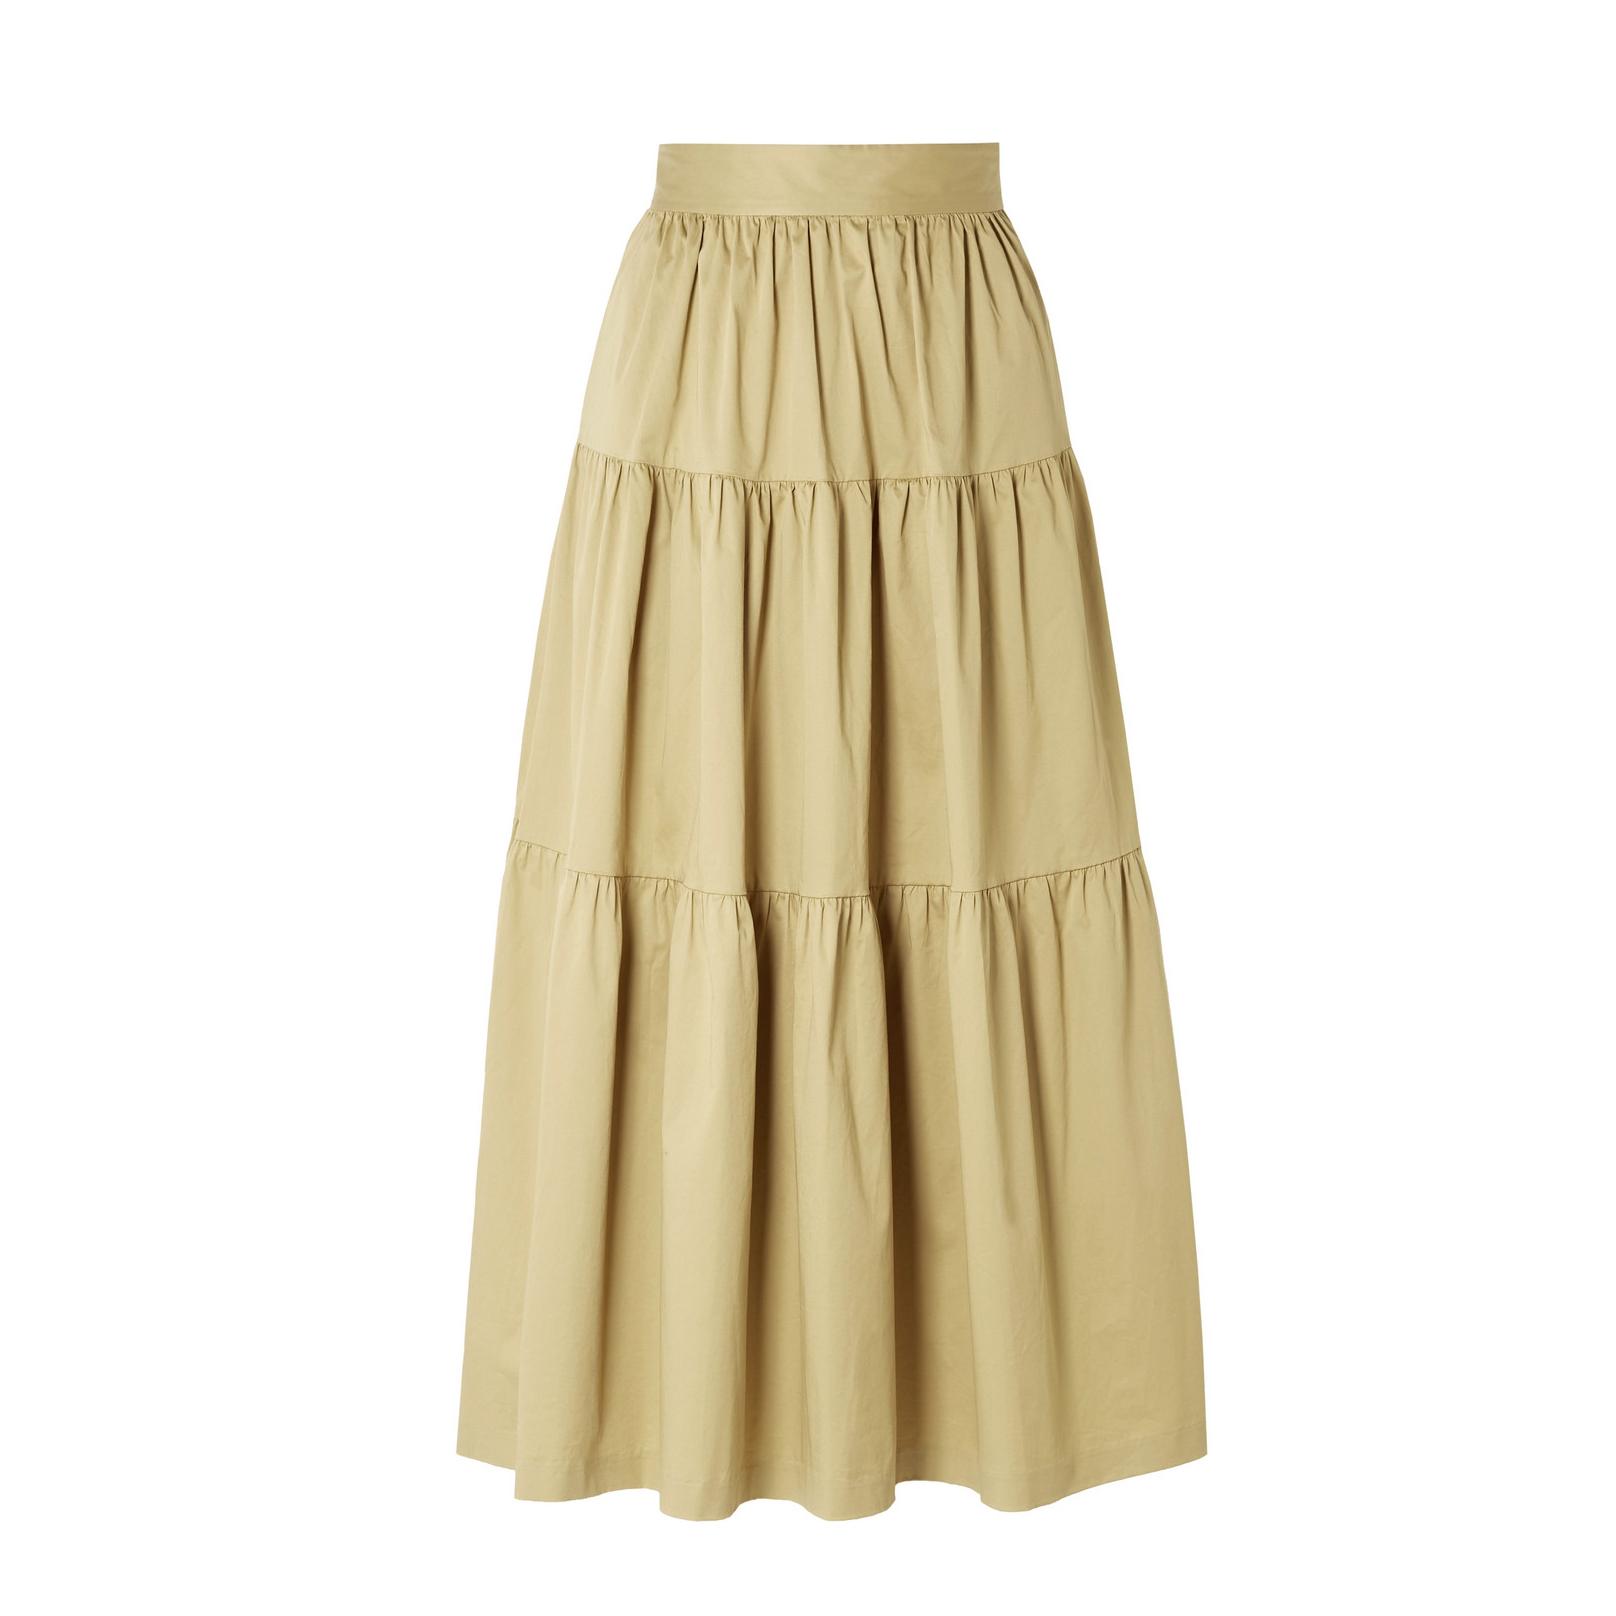 STAUD Sea Tiered Midi Skirt